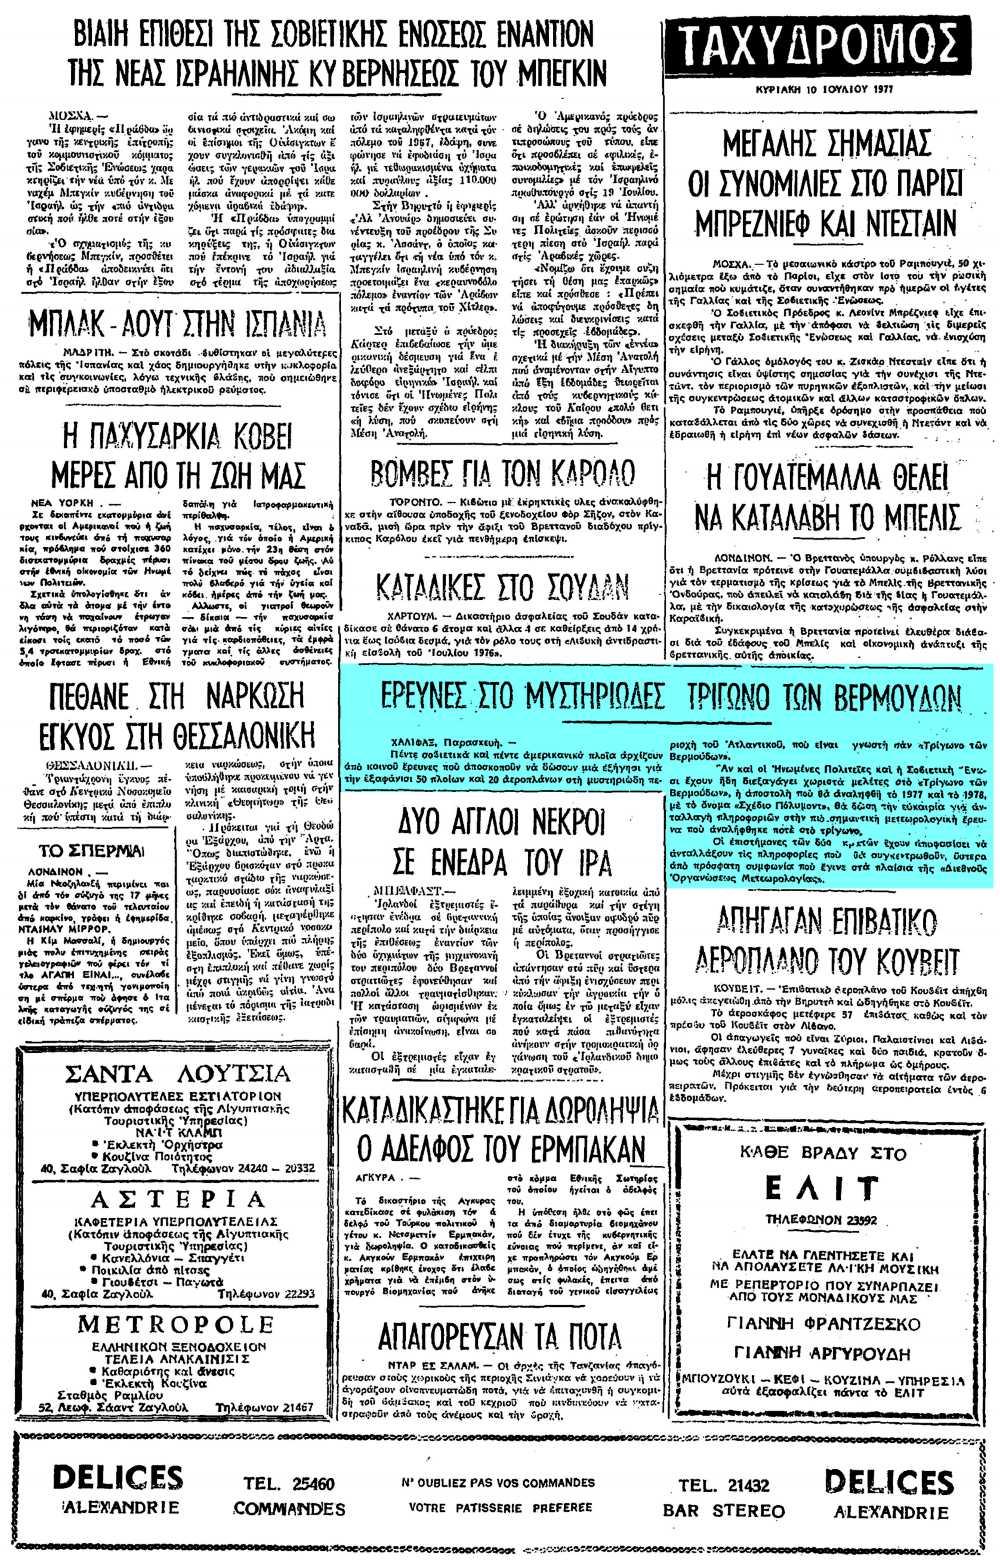 """Το άρθρο, όπως δημοσιεύθηκε στην εφημερίδα """"ΤΑΧΥΔΡΟΜΟΣ"""", στις 10/07/1977"""